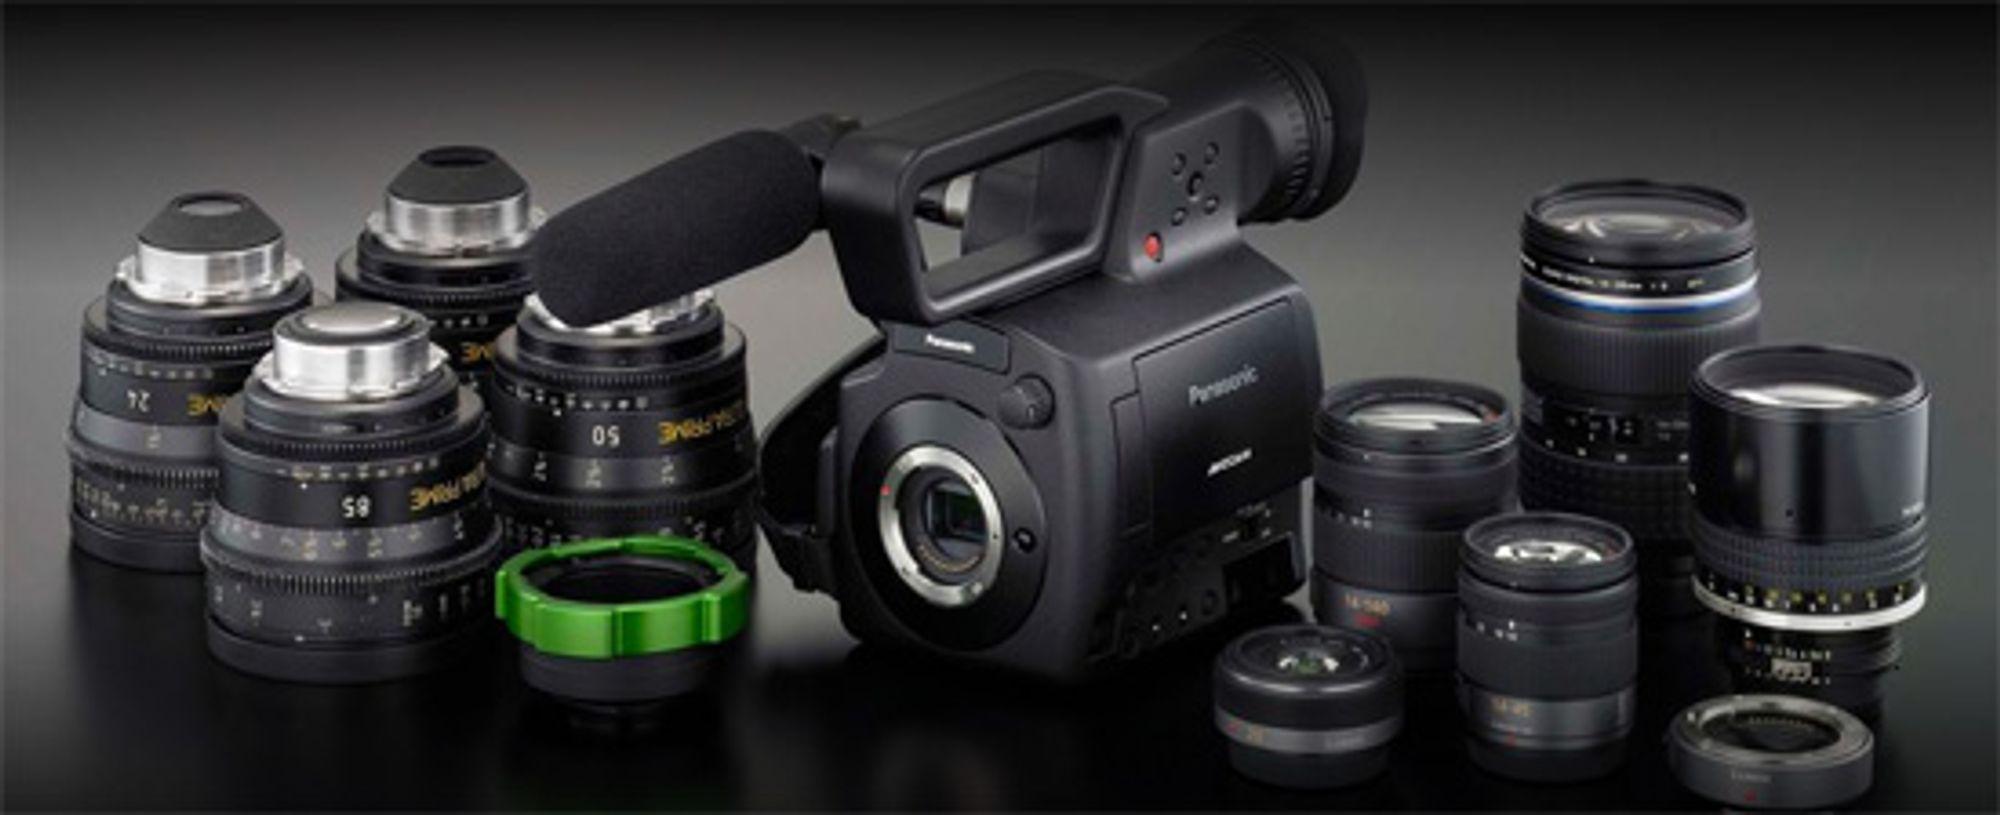 Panasonic AG-AF100 med tilgjengelige objektiver.